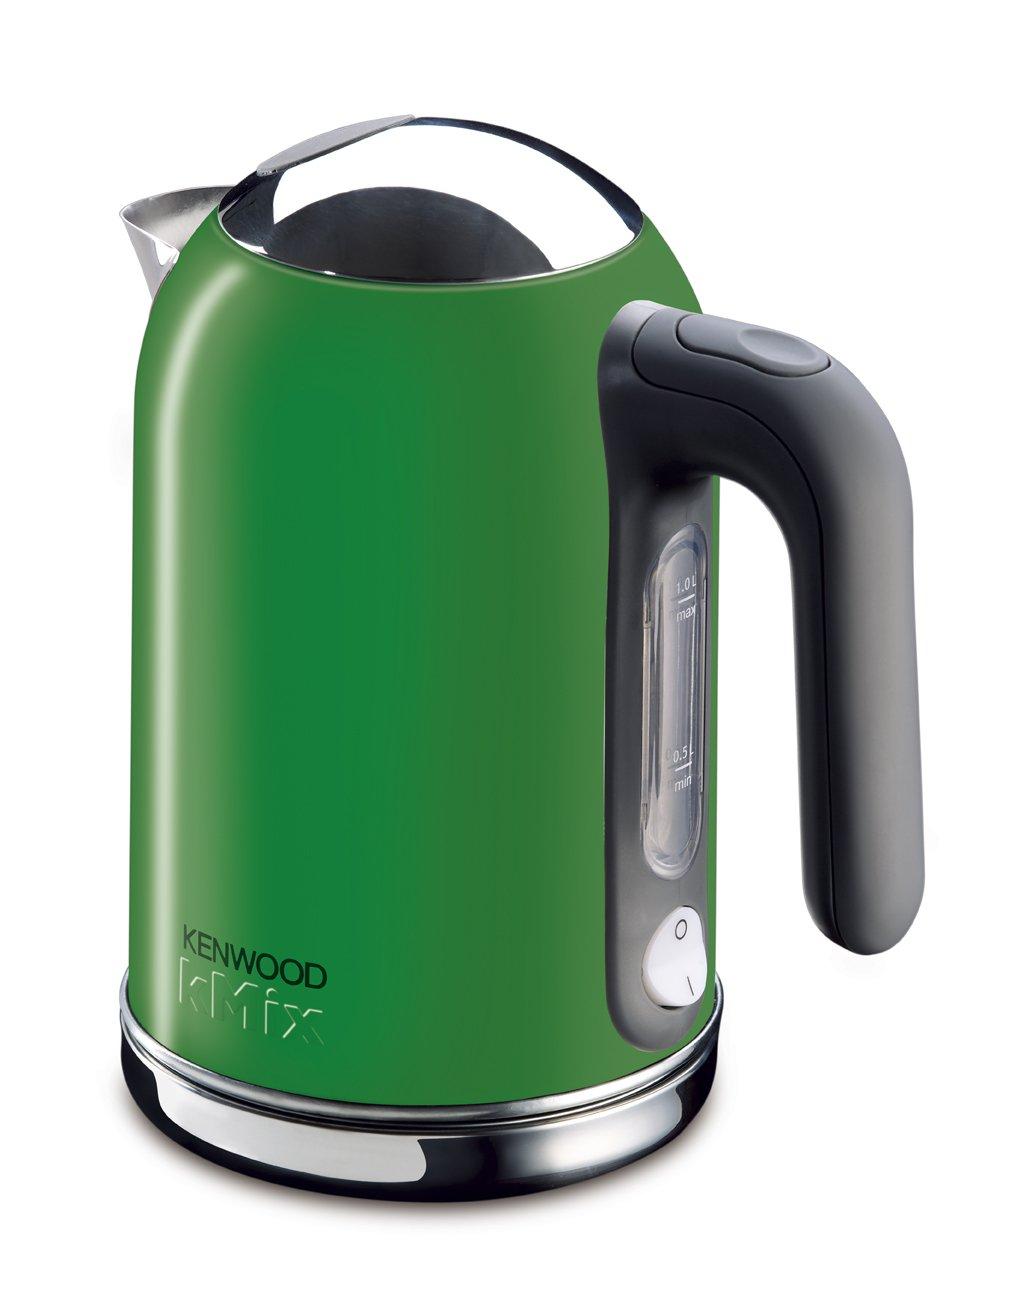 Kenwood SJM 025 kMix Wasserkocher / BoutiqueSerie / 1 Liter / 2200 Watt / Grün Überprüfung und Beschreibung